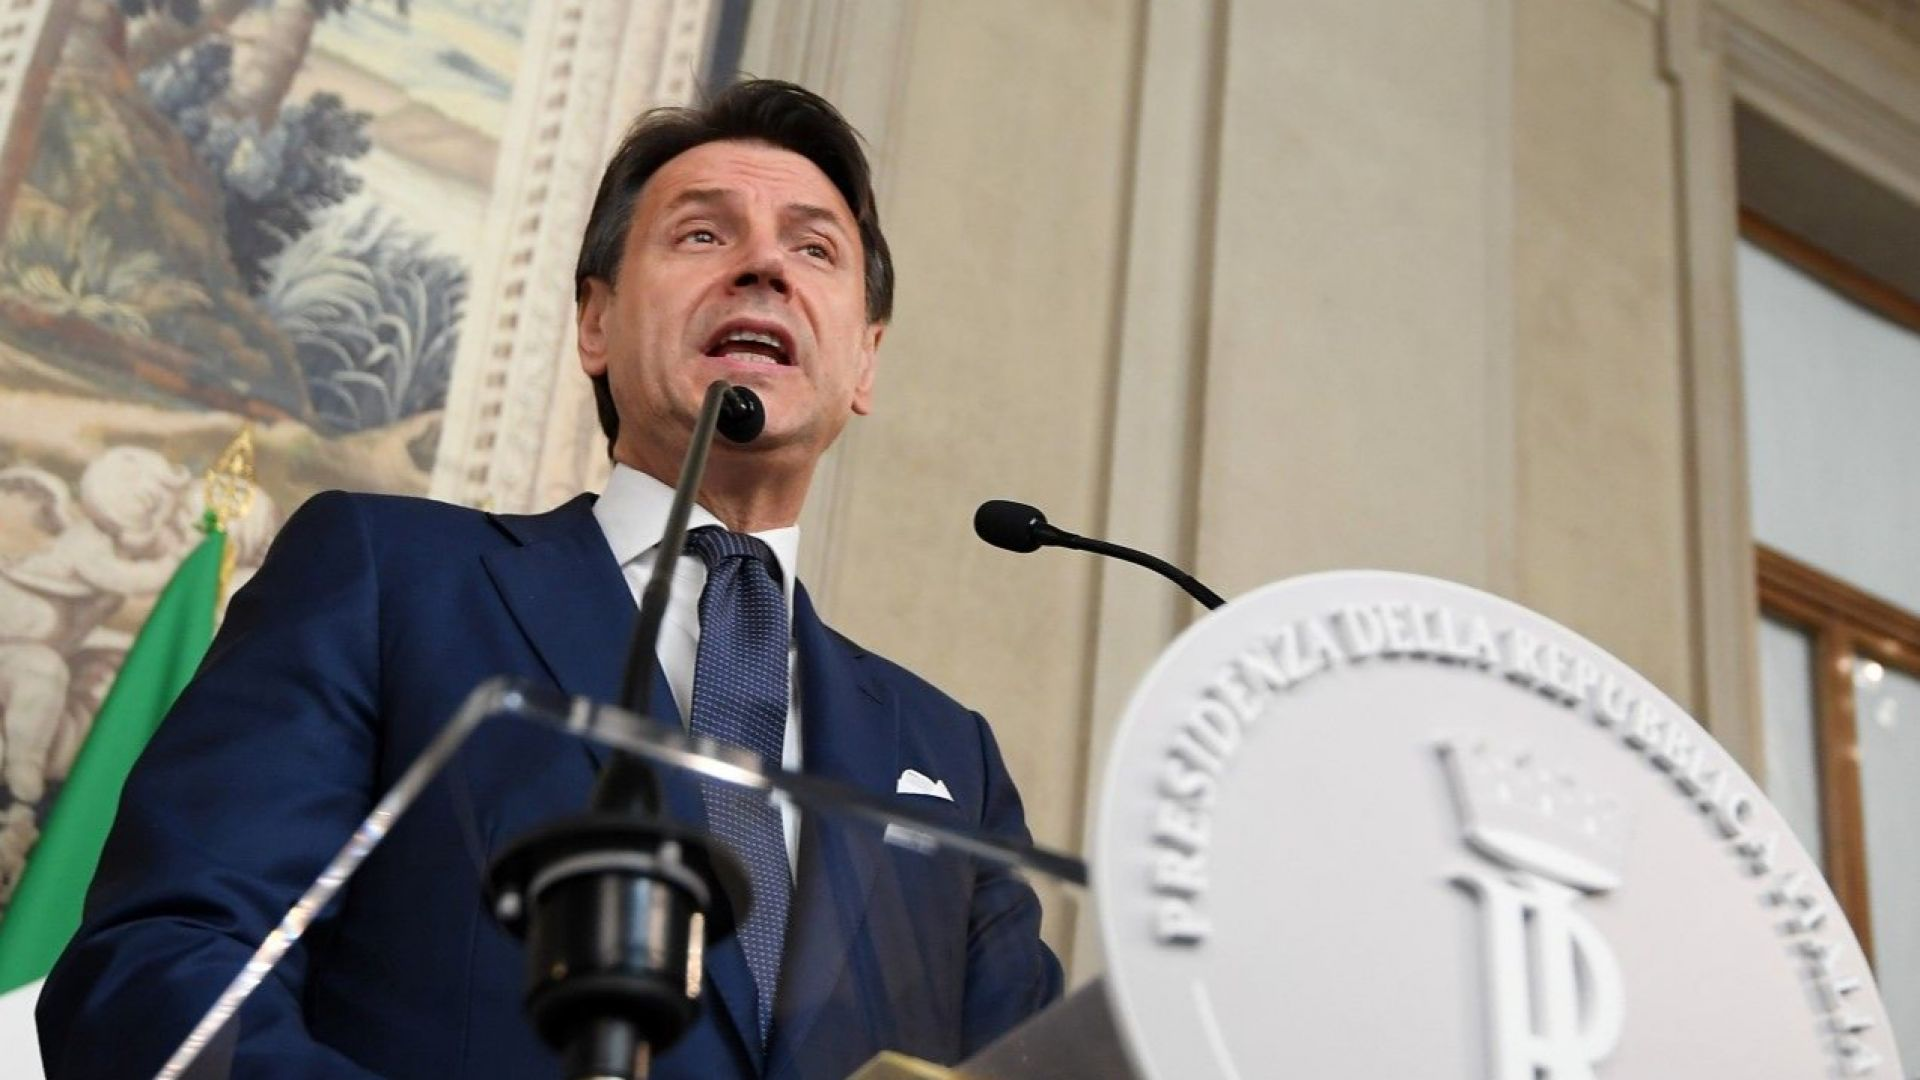 Конте иска гаранции за работните места в Италия след сделката Фиат Крайслер - Пежо